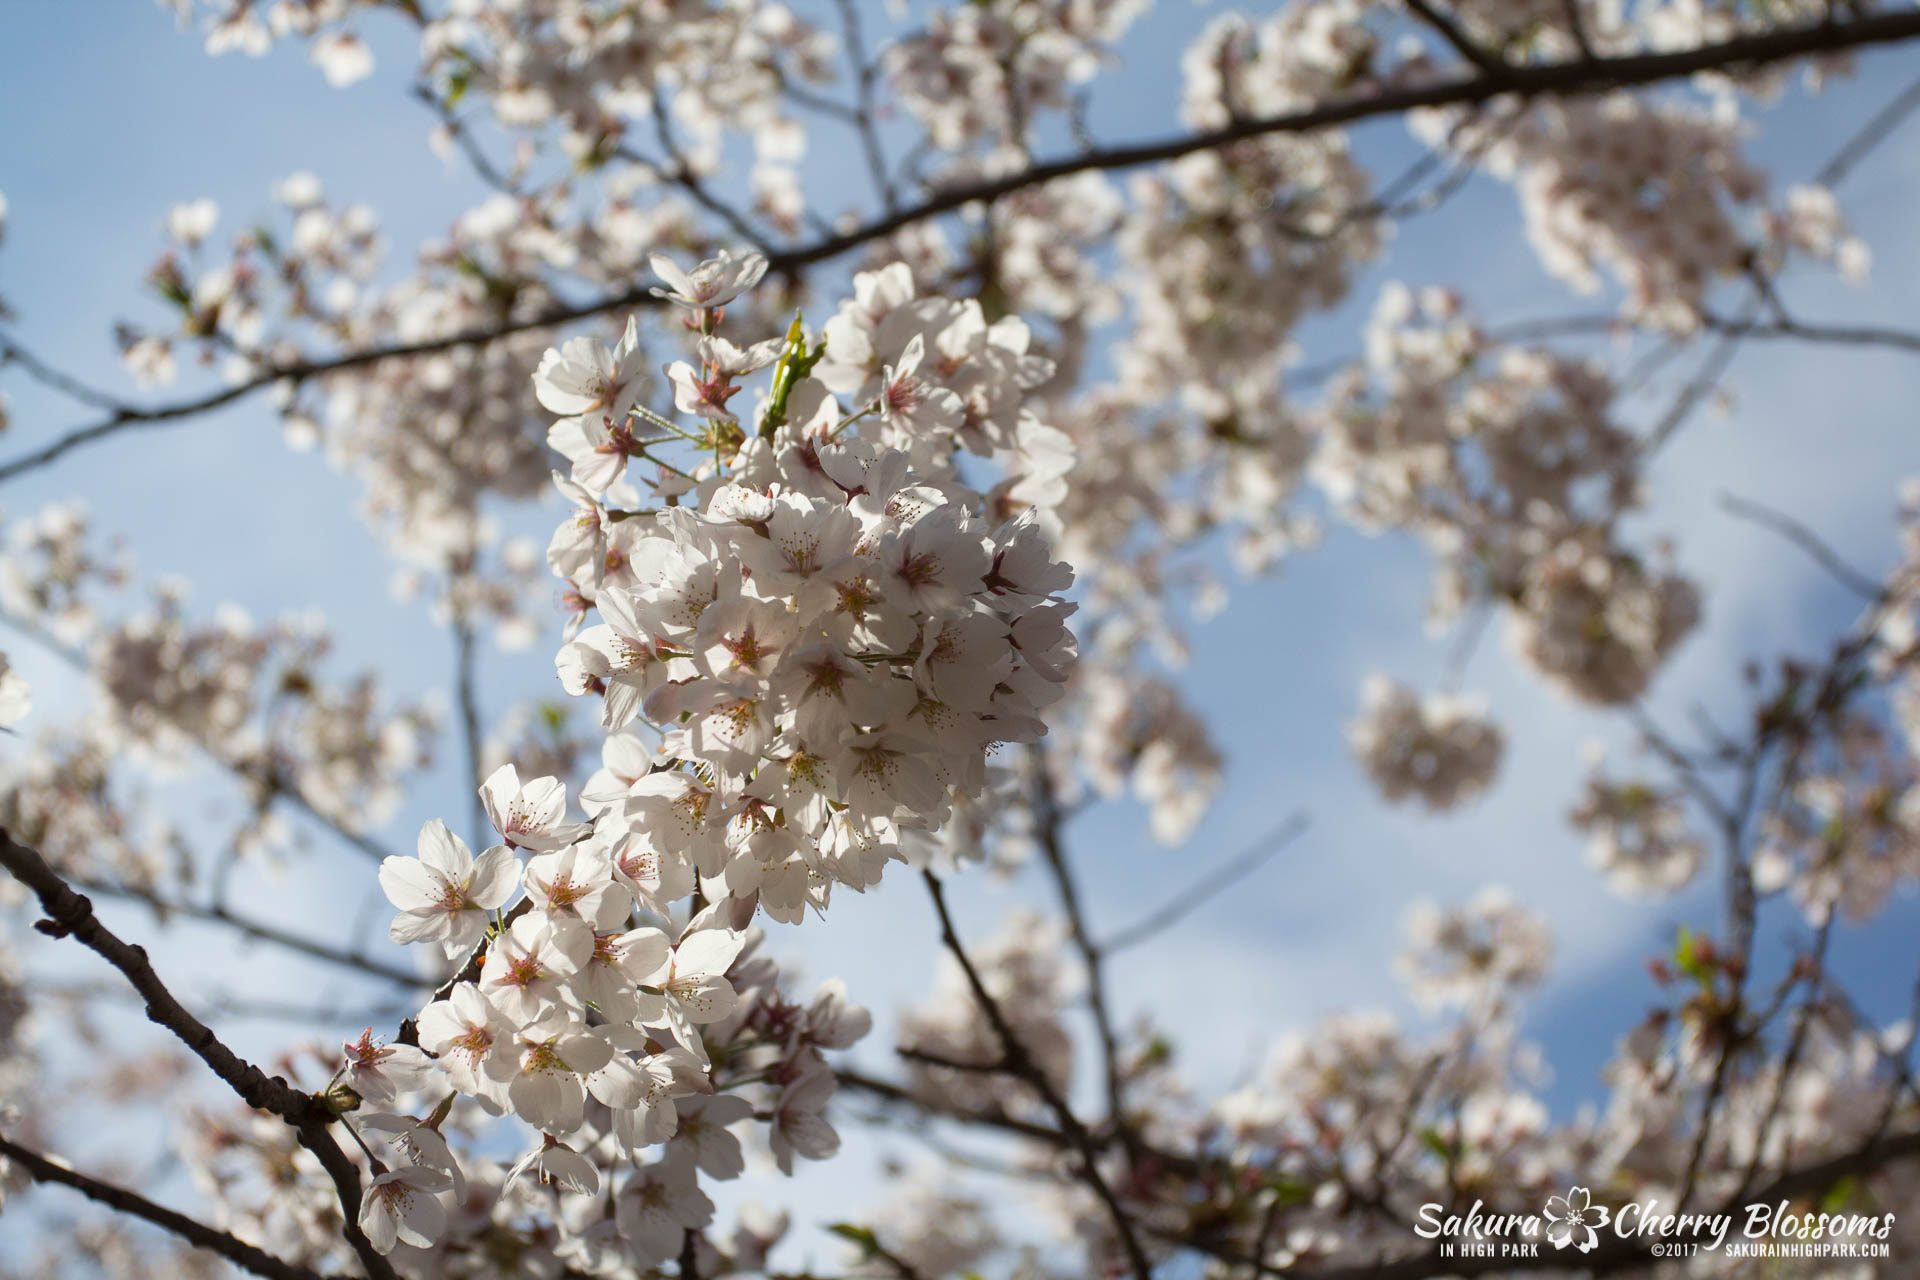 Sakura-Watch-April-28-2017-full-bloom-throughout-High-Park-5699.jpg